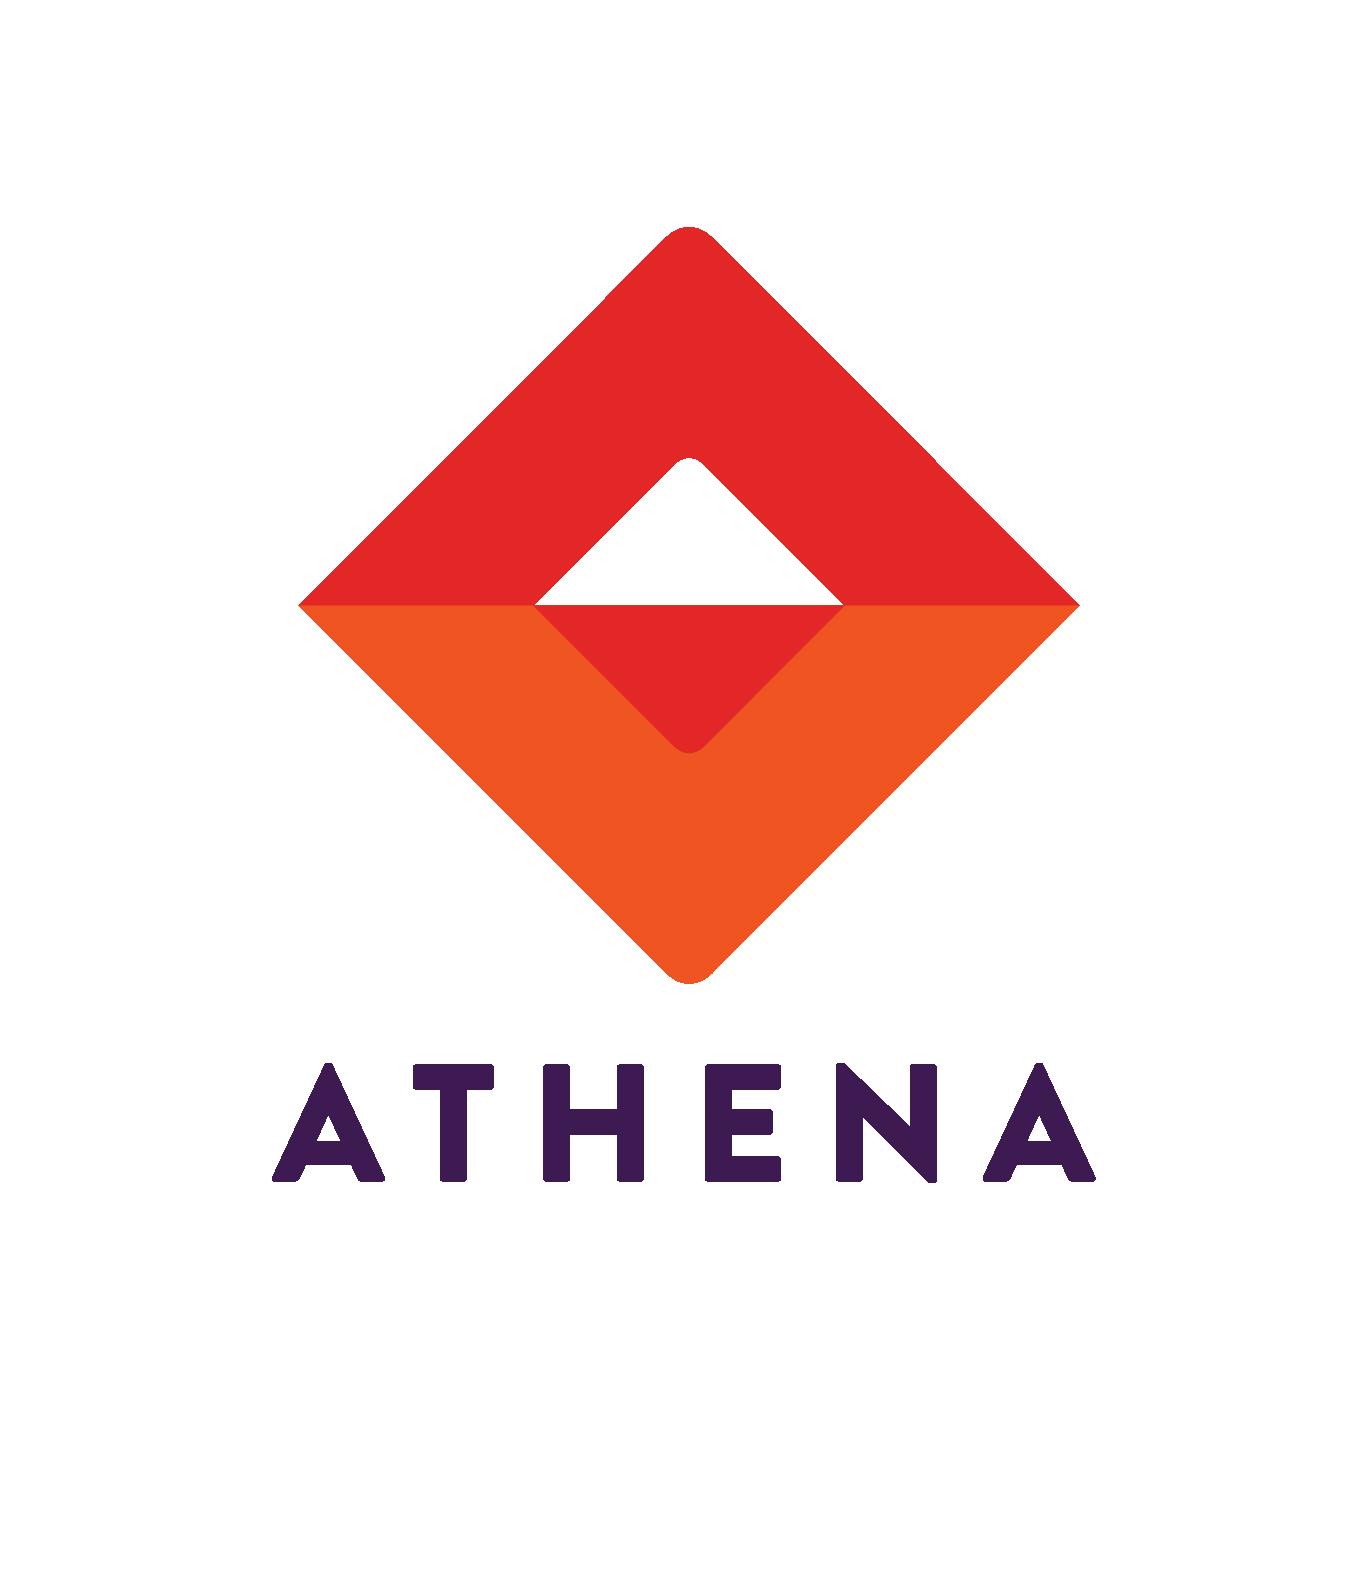 athena-01.png